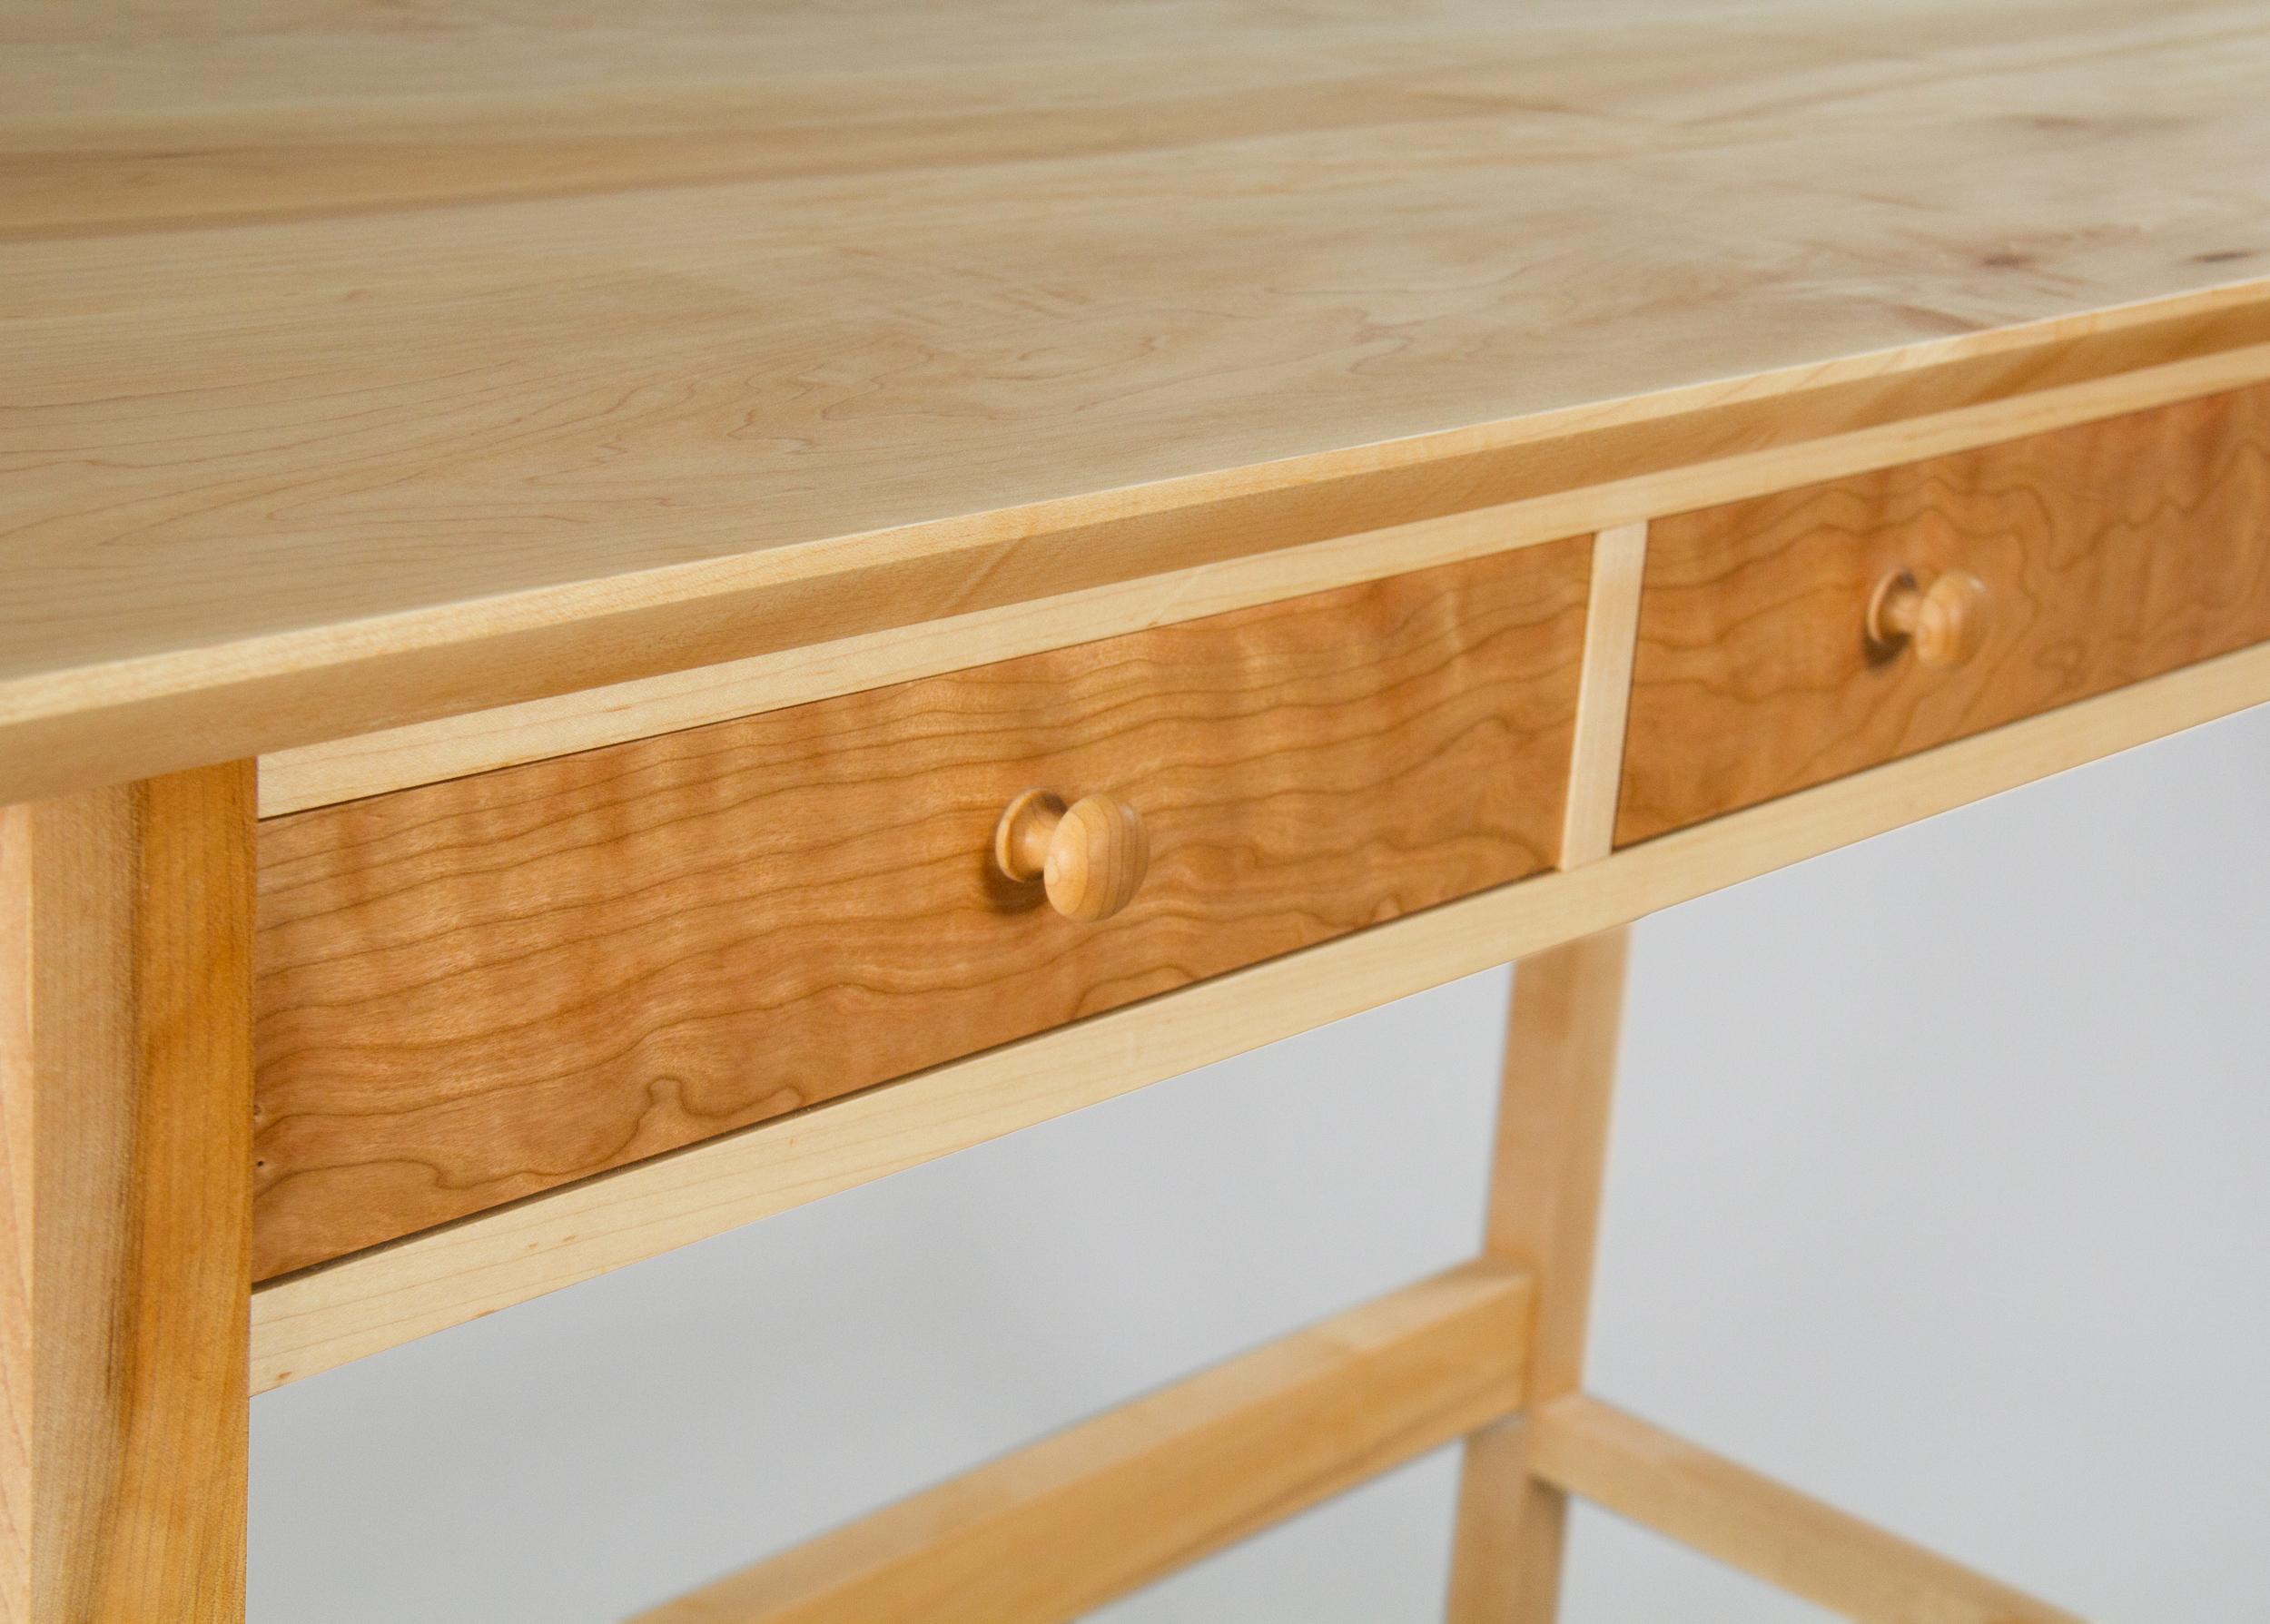 standingdesk_drawers_gray.jpg